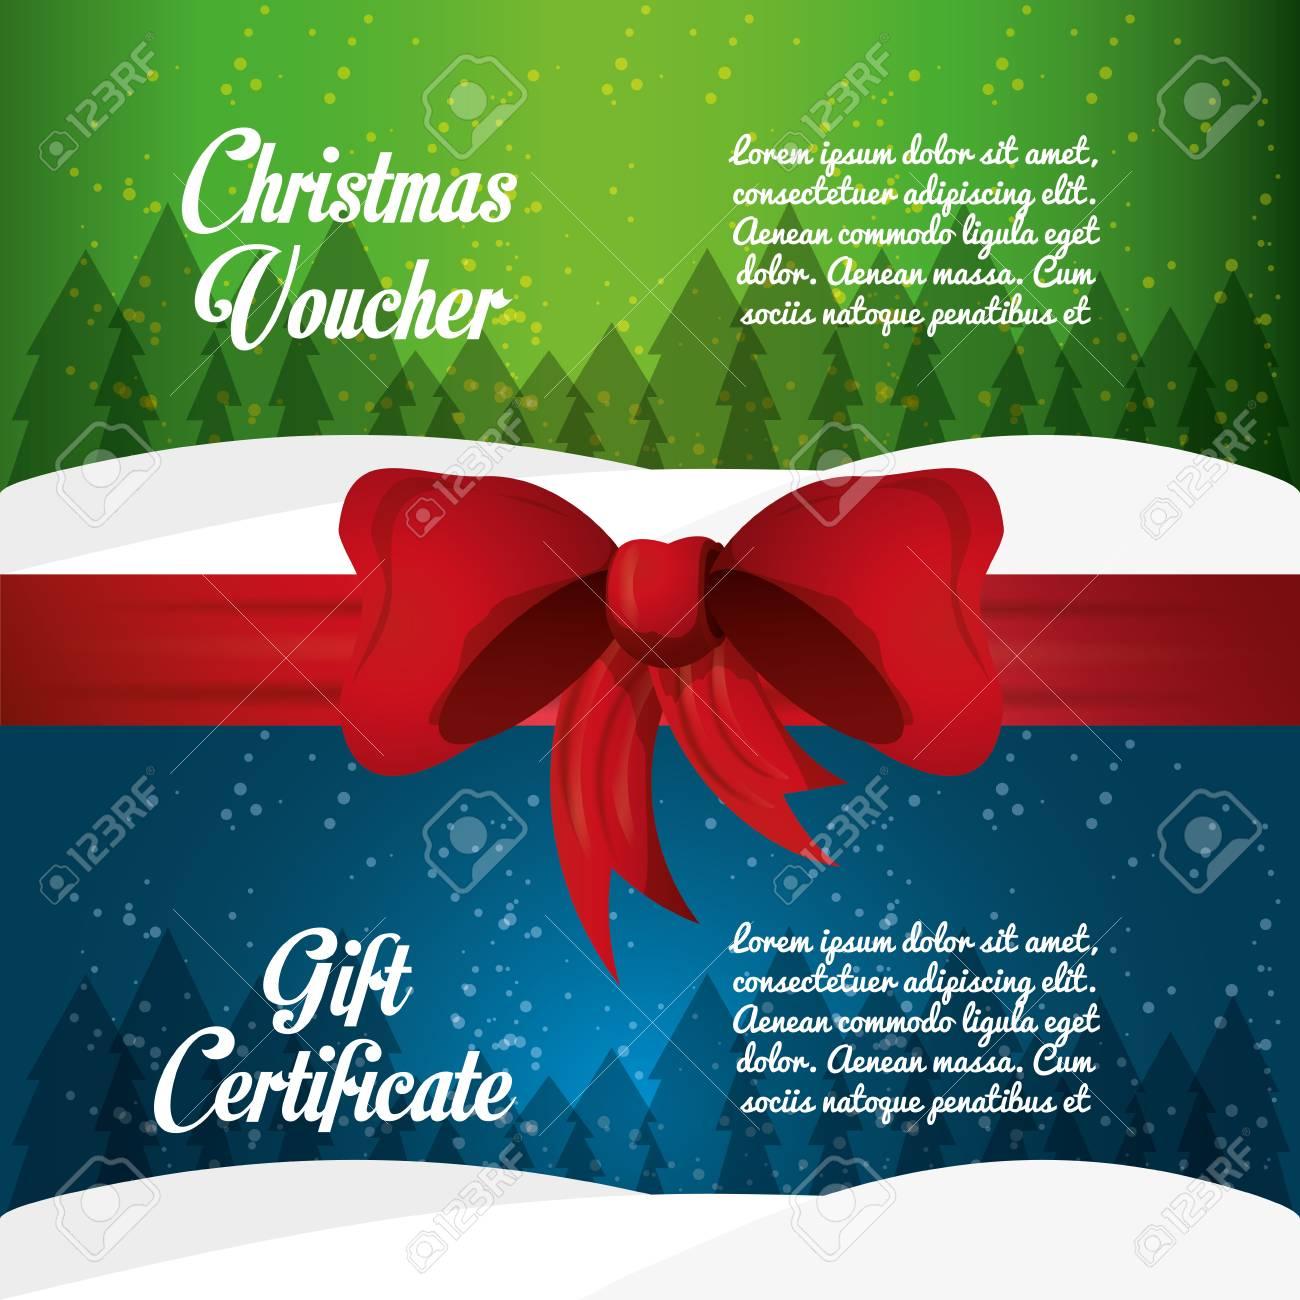 Moderno Plantillas De Certificados De Navidad Gratis Fotos - Ejemplo ...